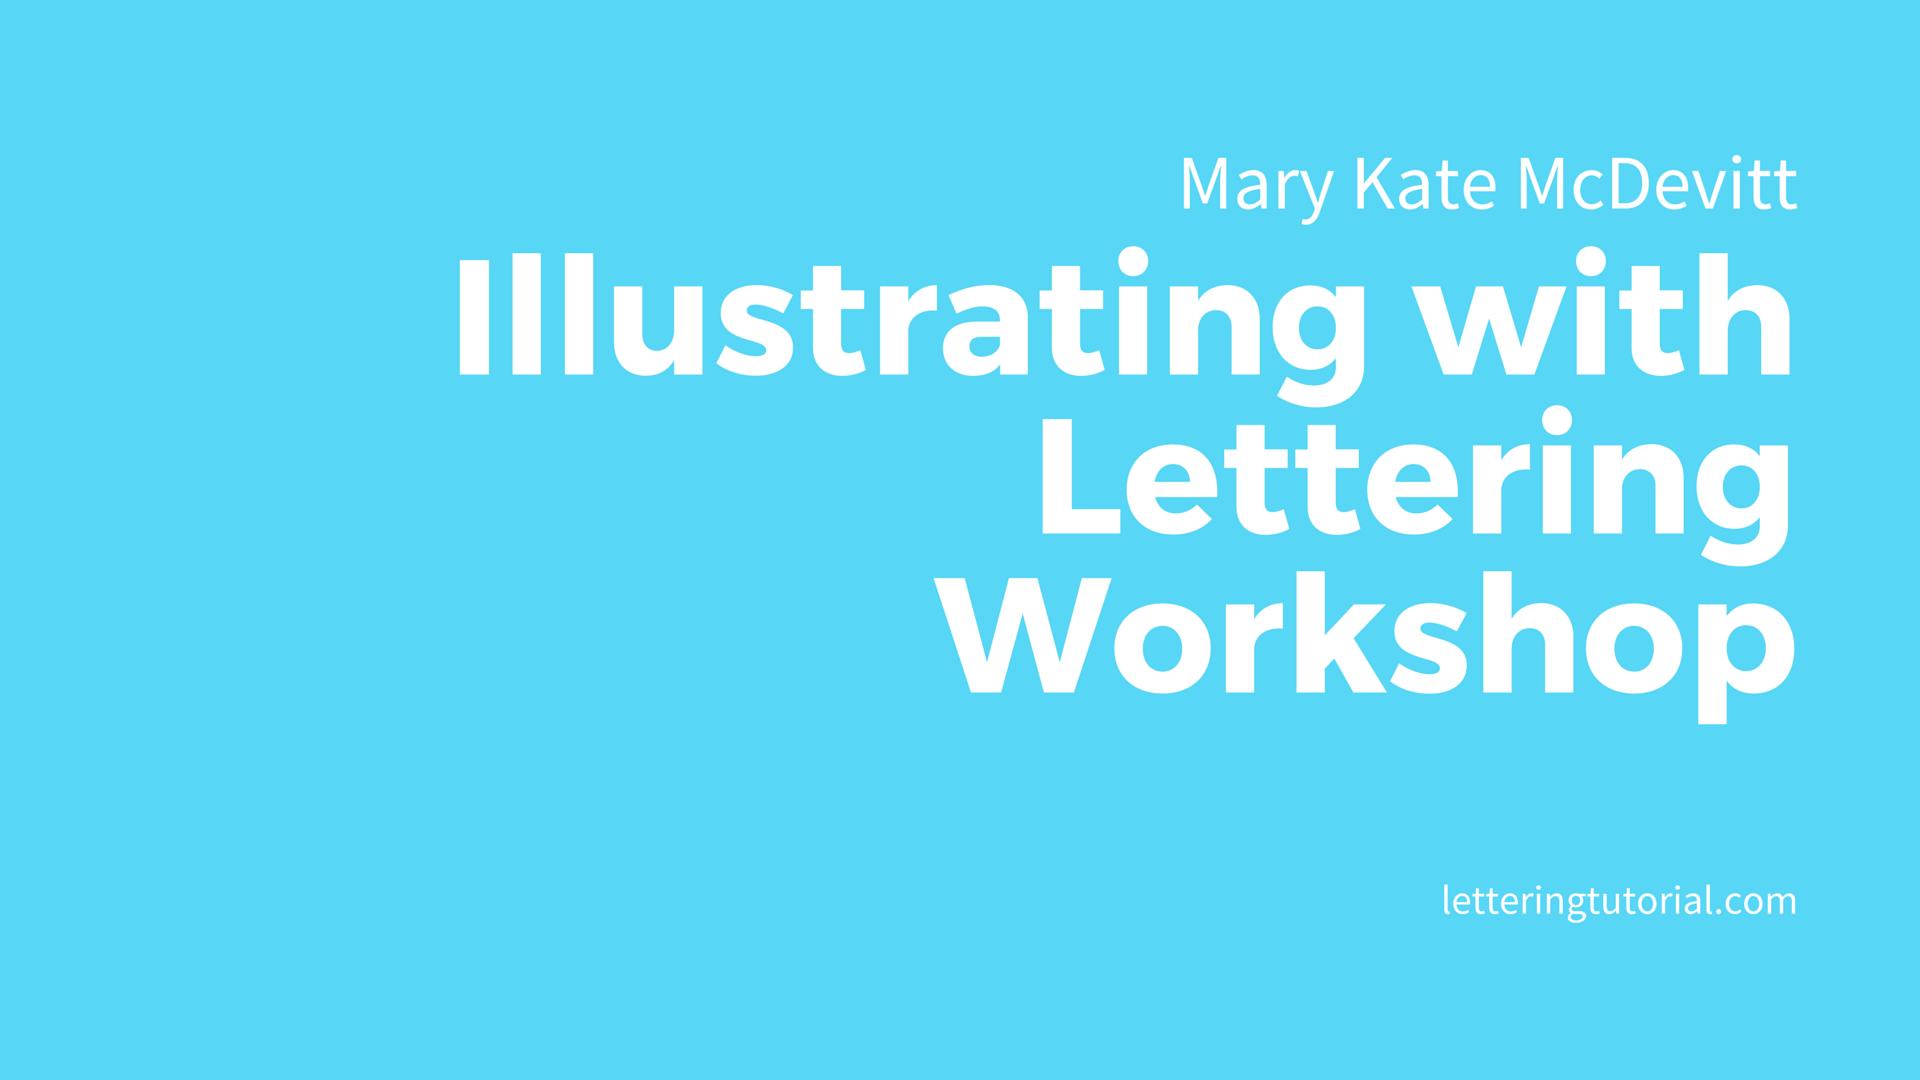 Mary Kate McDevitt Illustrating with Lettering - Lettering Tutorial